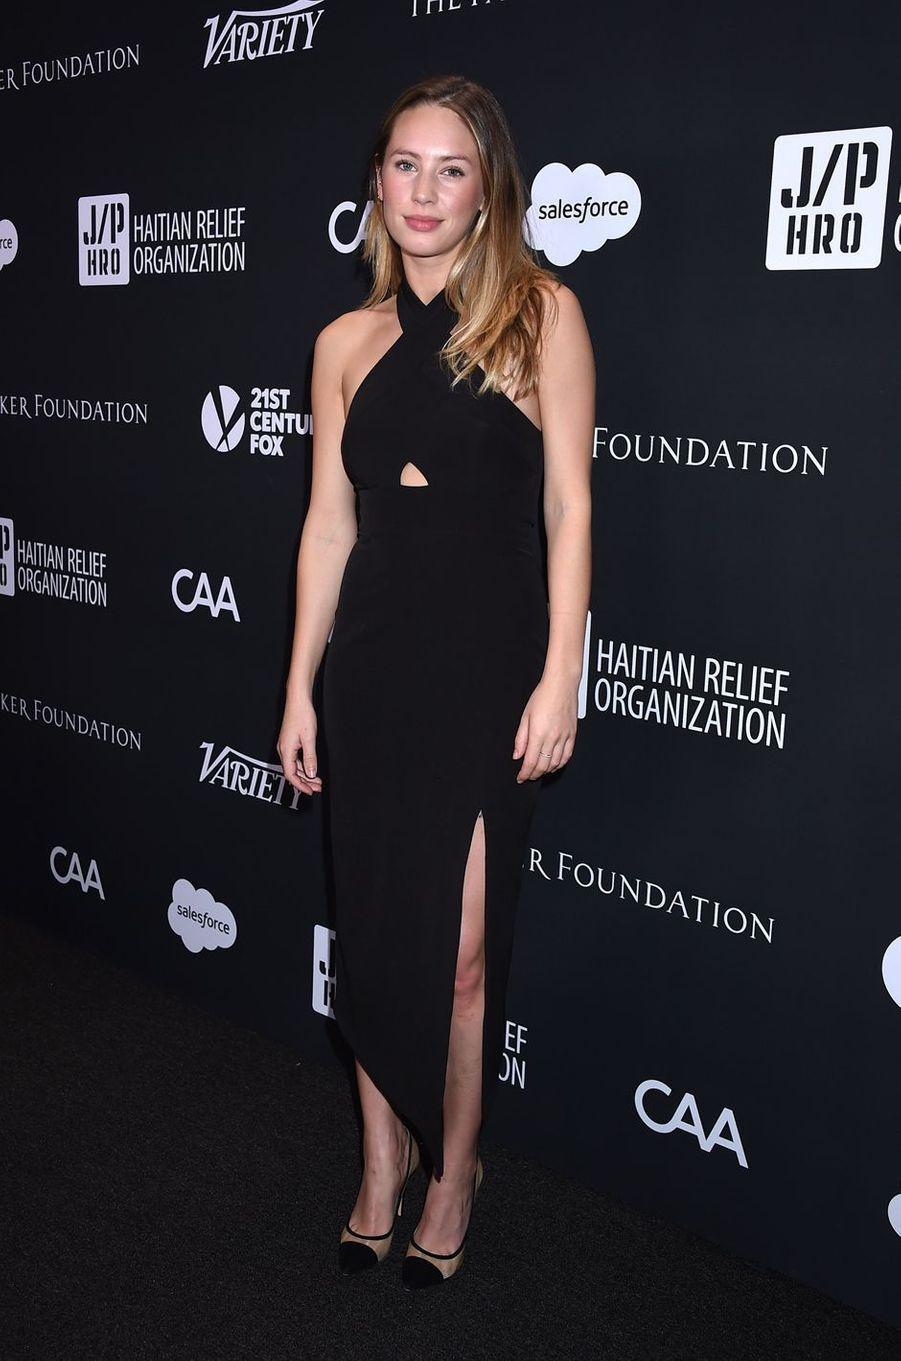 Dylan Pennau gala de la J/P Haitian Relief Organization, la fondation de Sean Penn, à Beverly Hills, le 7 janvier 2017.